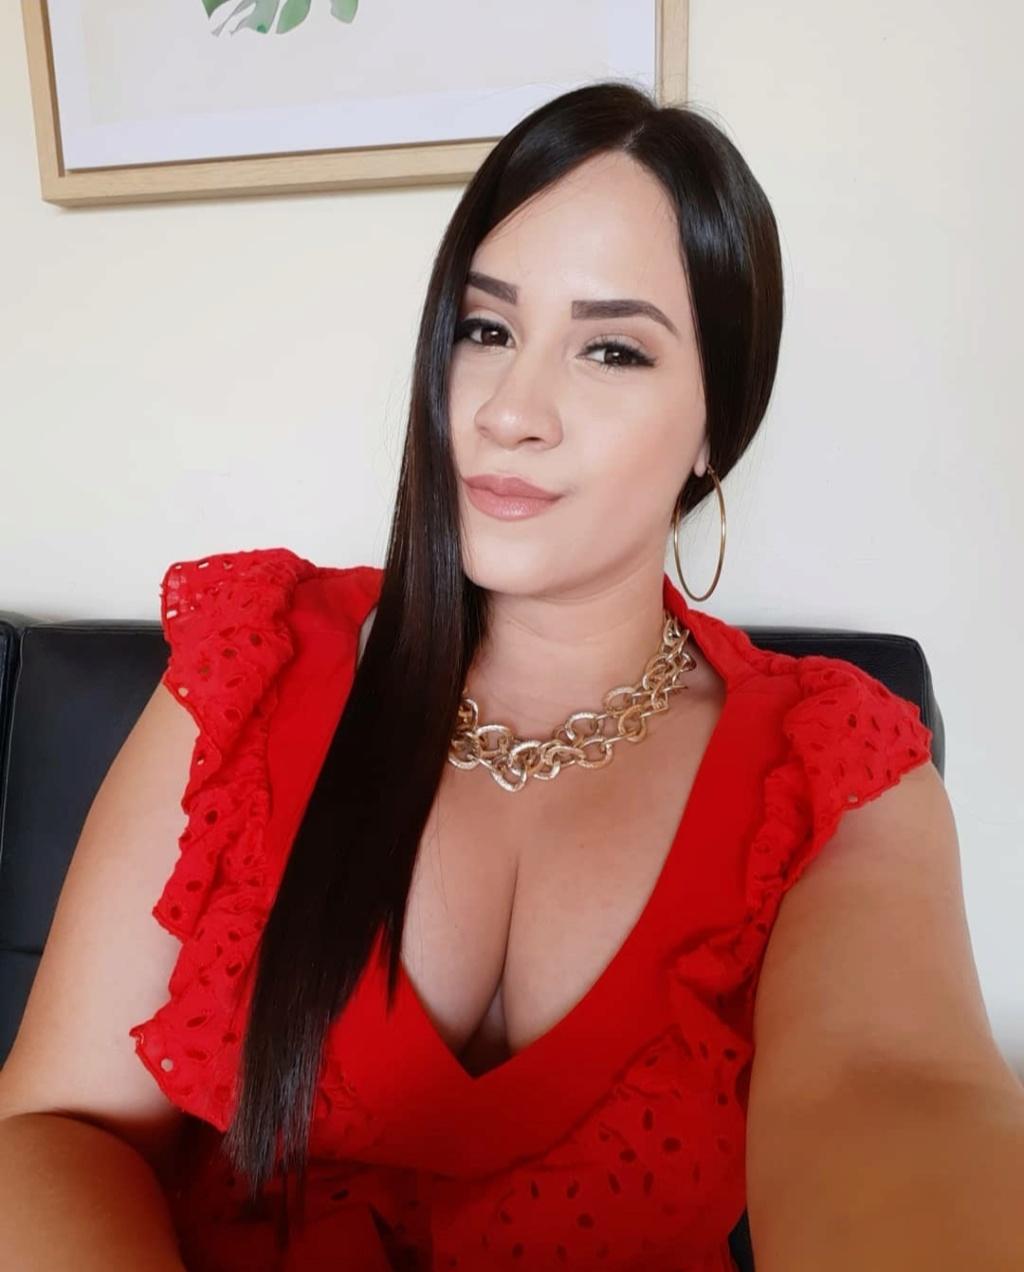 DEBATE sobre belleza, guapura y hermosura (fotos de chicas latinas, mestizas, y de todo) - VOL II - Página 2 Img_1037